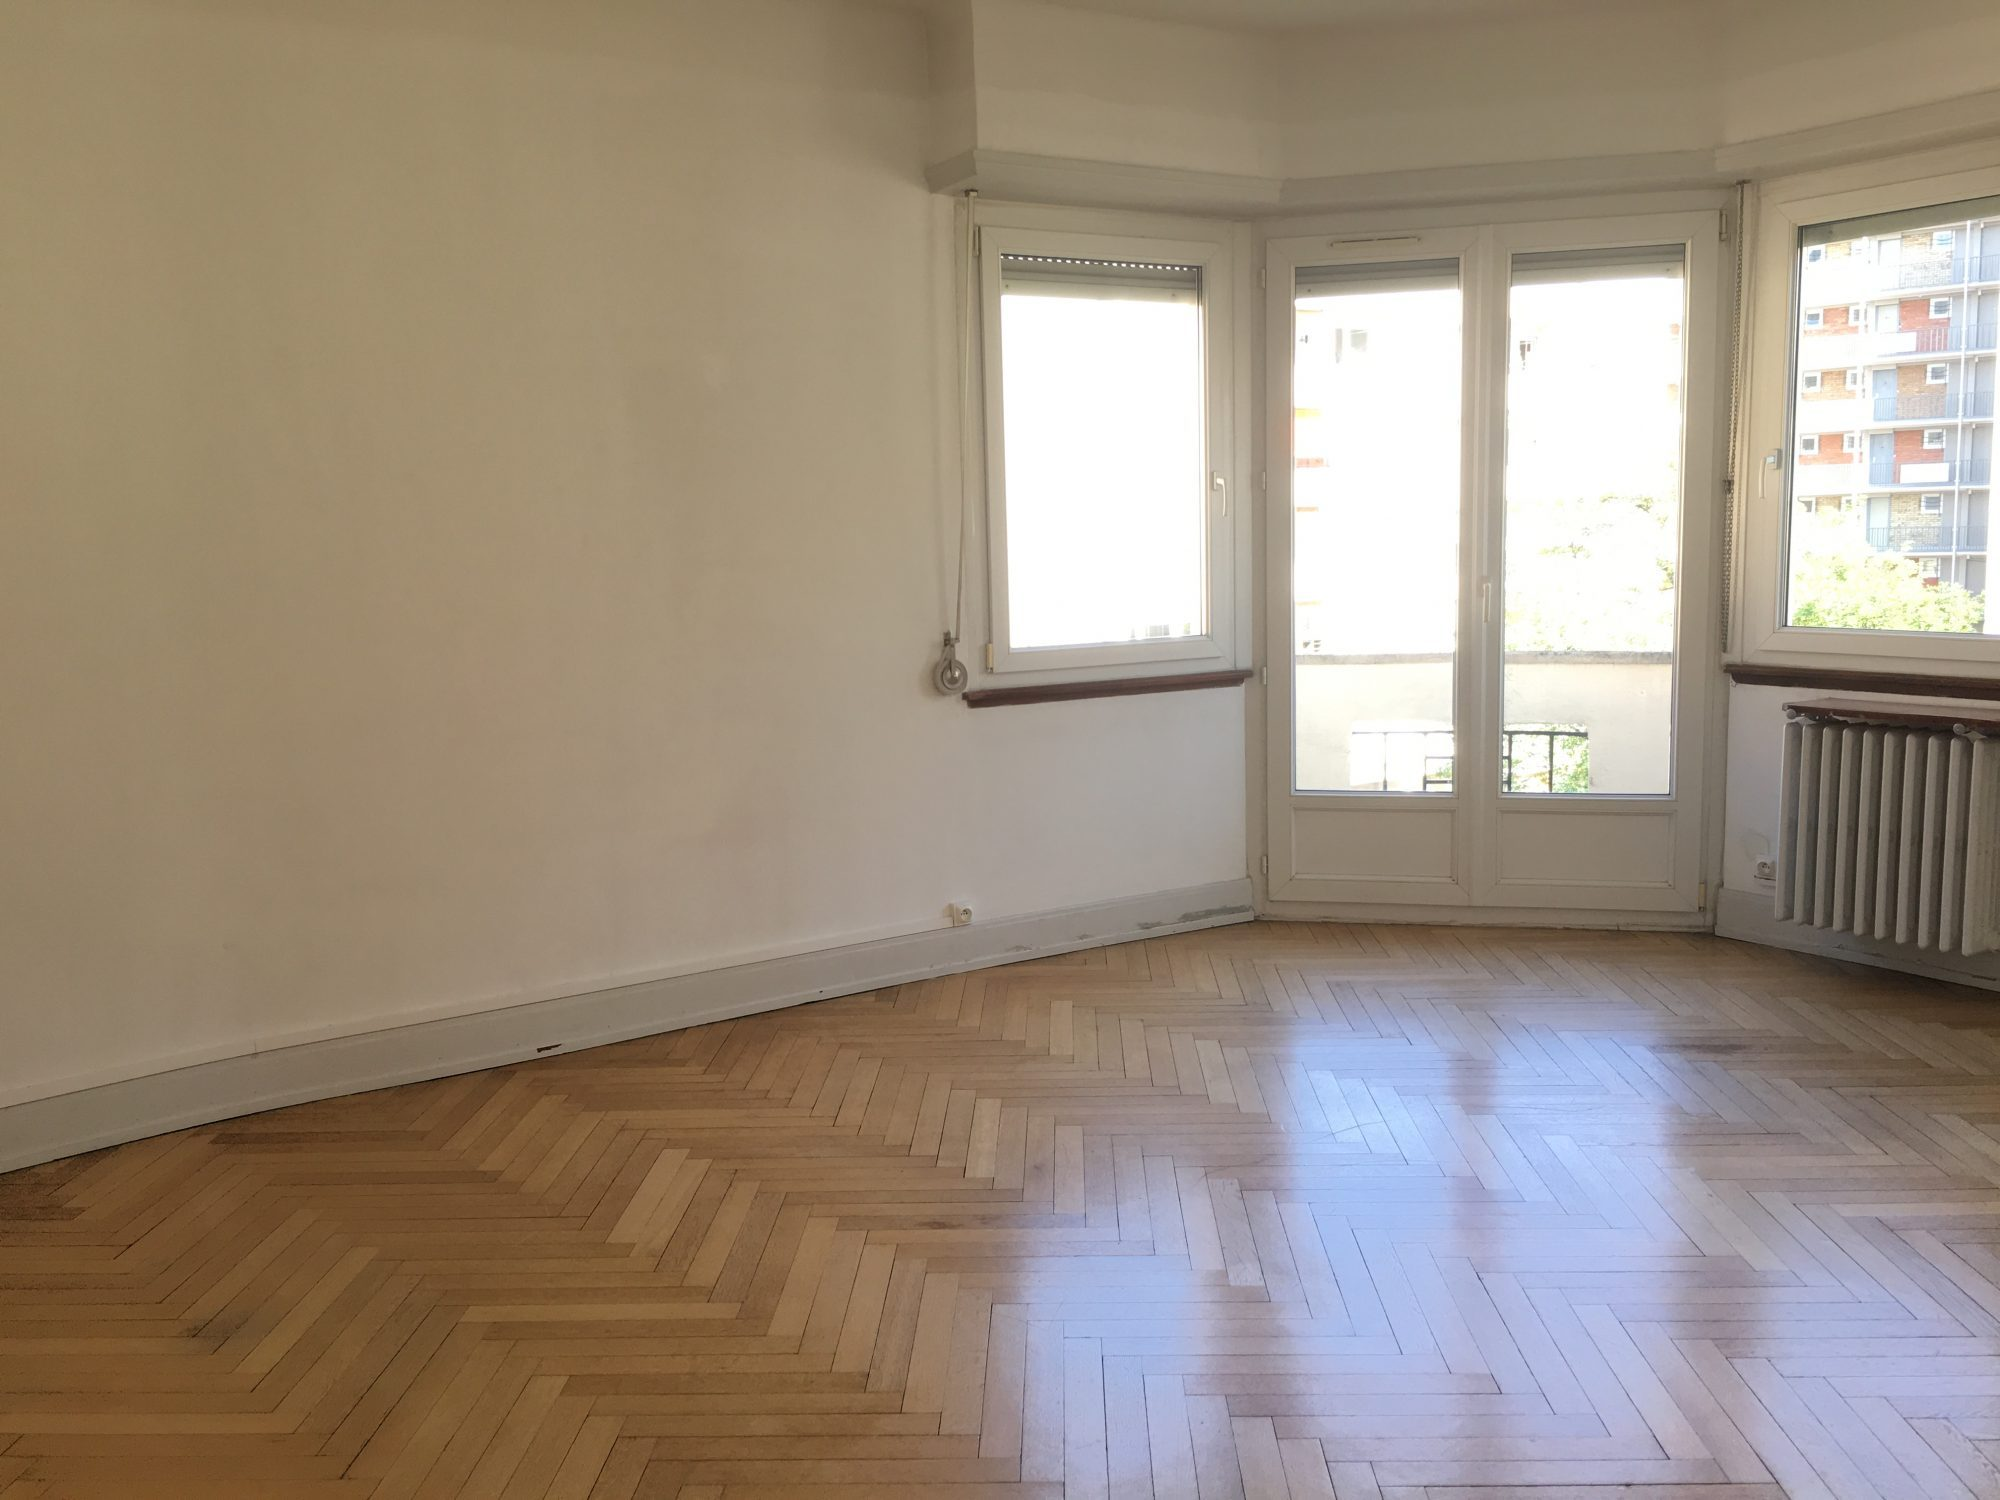 2 pièces à l'orangerie - Devenez locataire en toute sérénité - Bintz Immobilier - 2